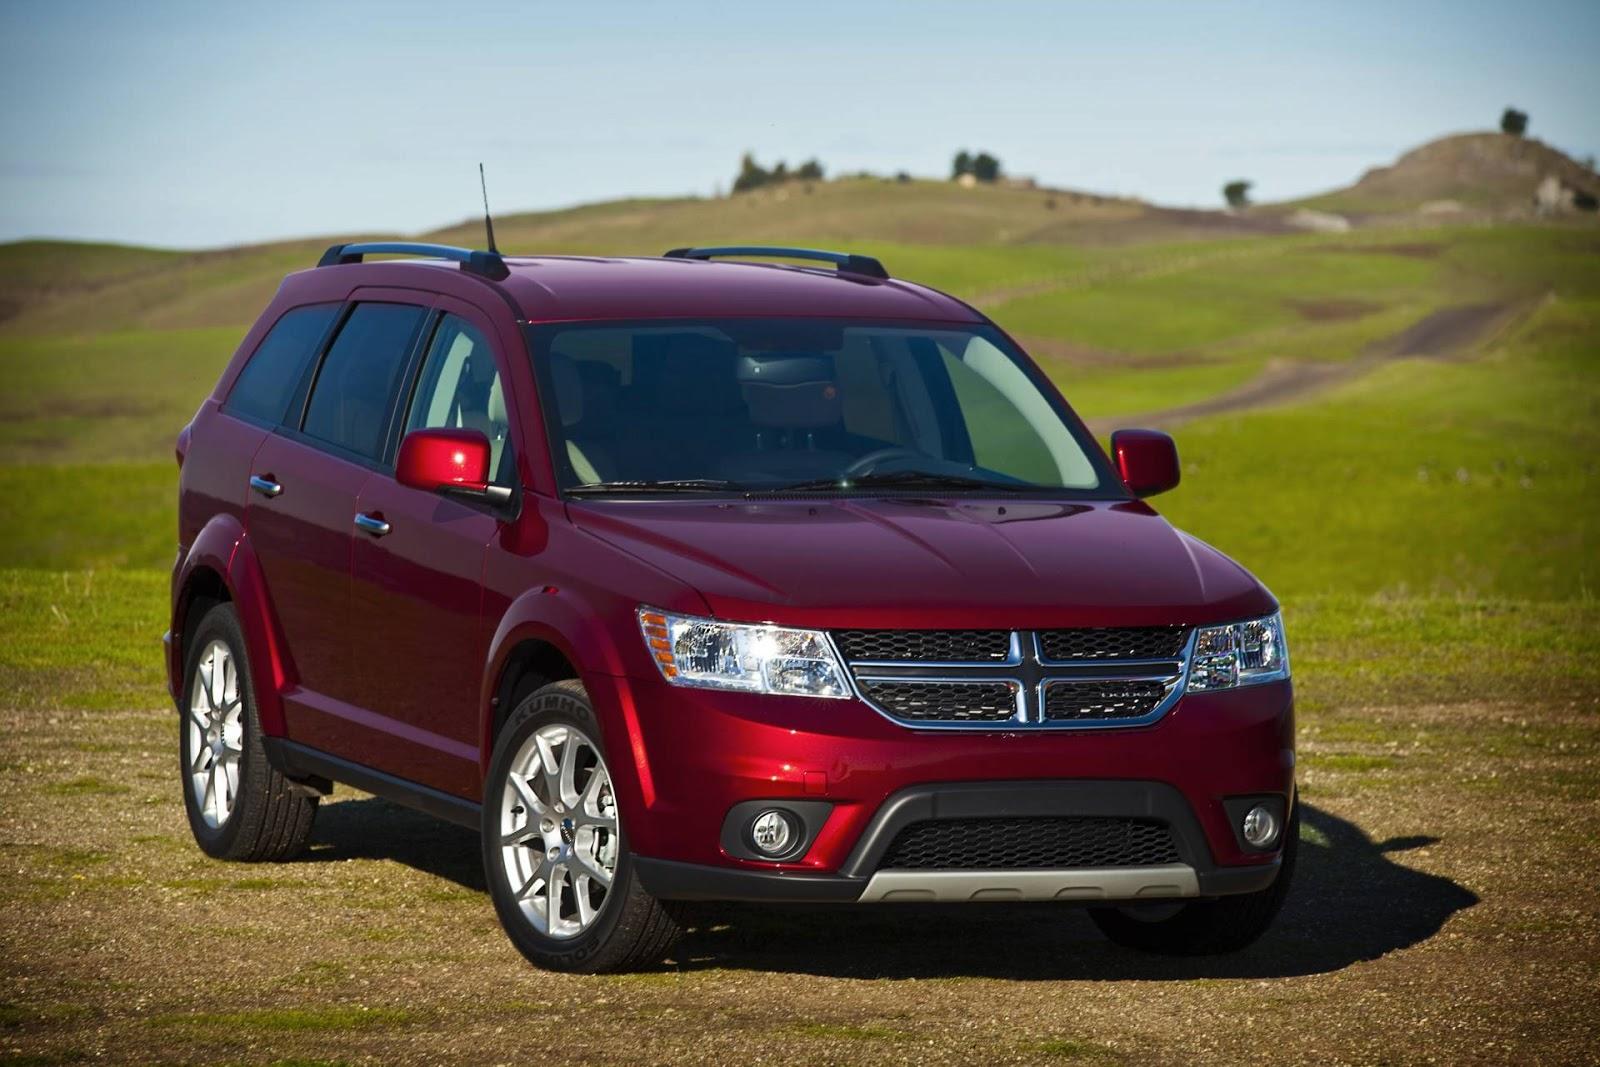 New Car Models 2013 Dodge journey